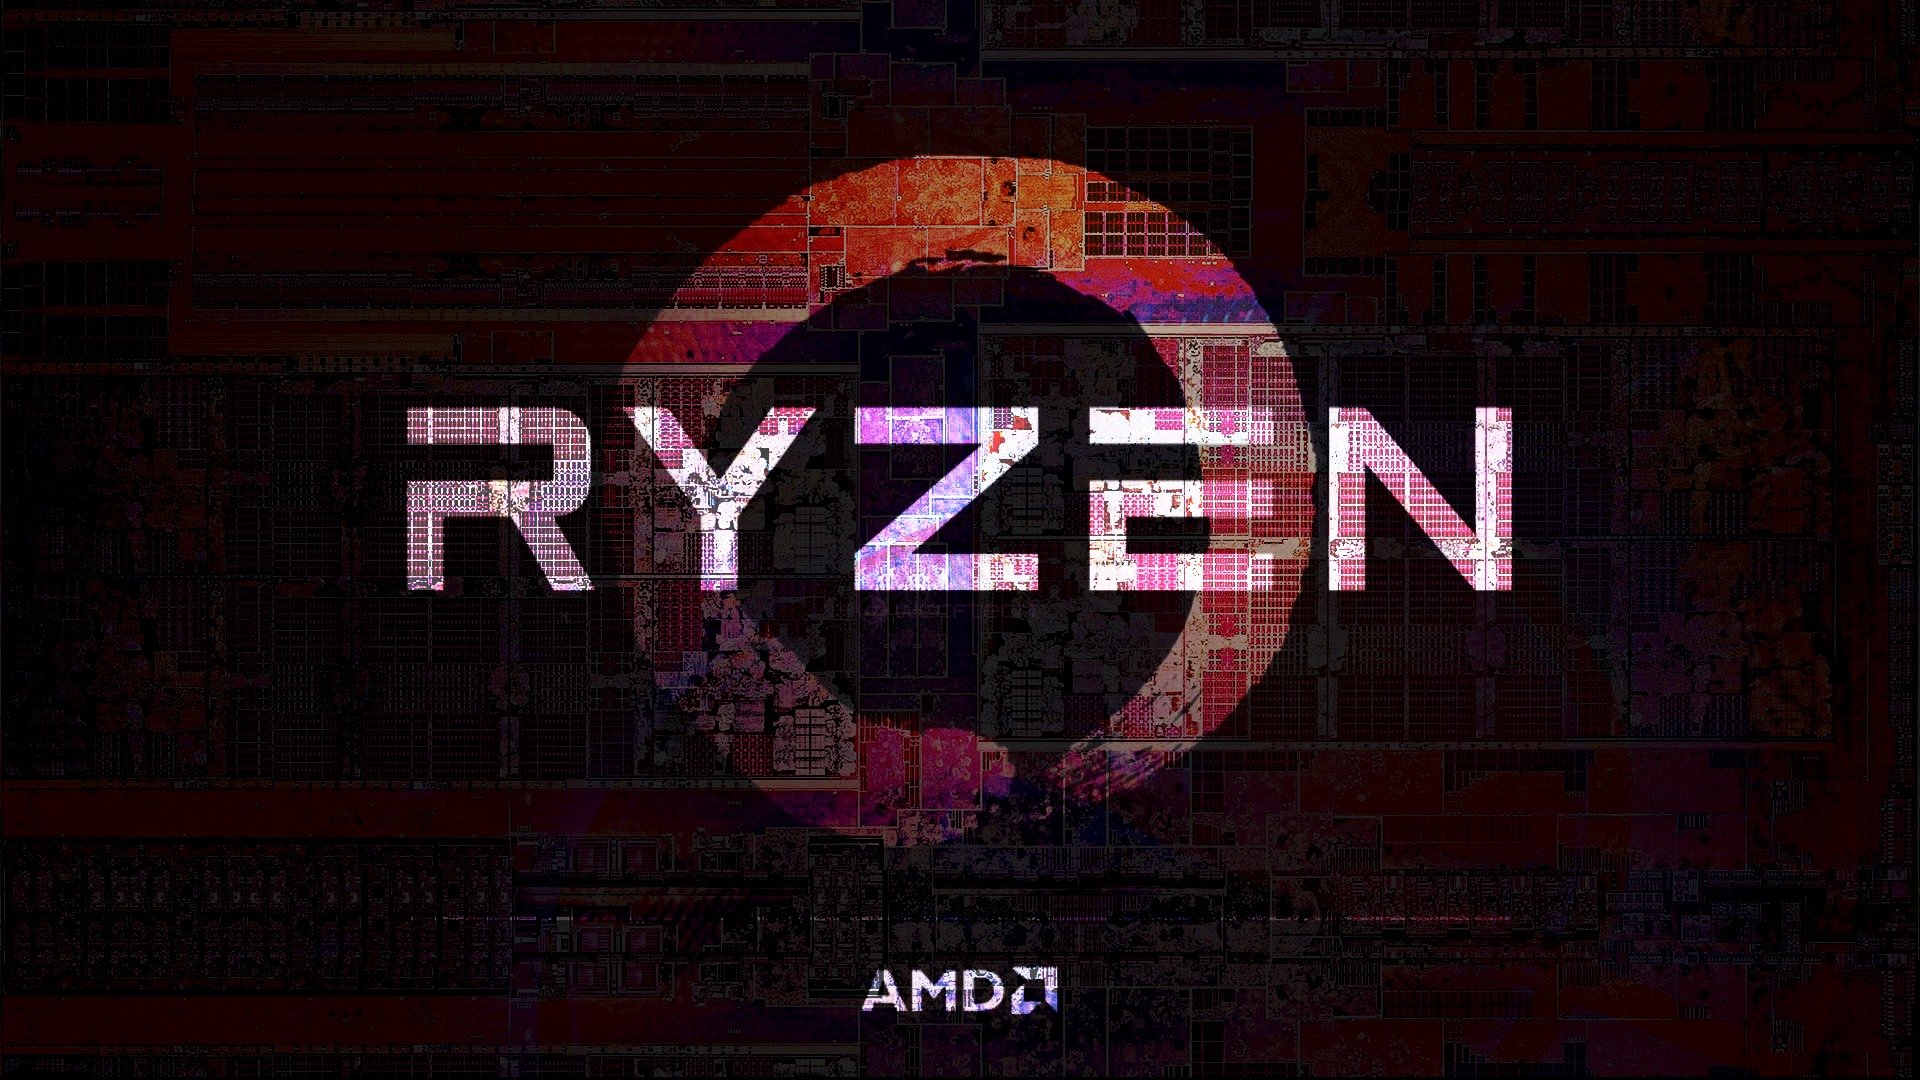 Amd Ryzen 16 Core Quot Whitehaven Quot Enthusiast Cpus Leaked 3